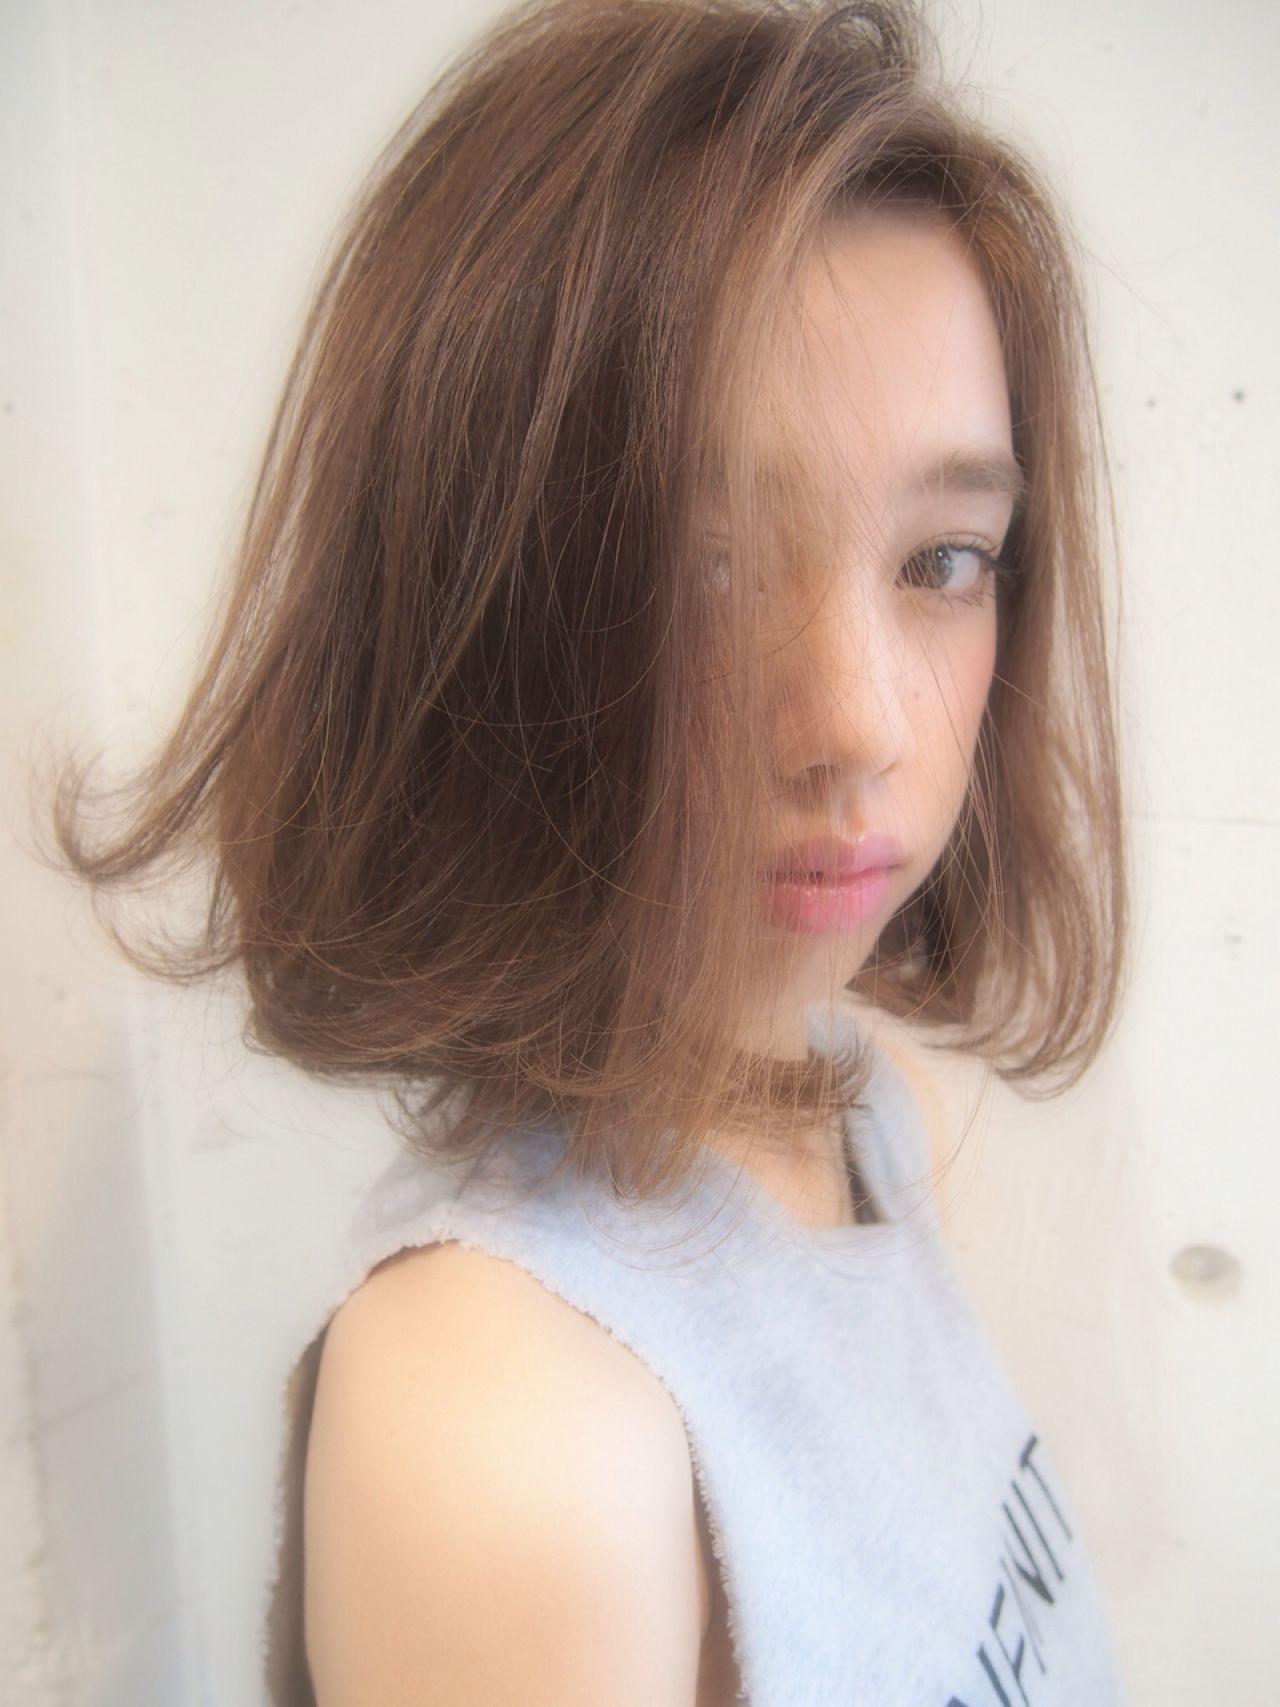 グラデーションカラー ストレート 秋 ストリート ヘアスタイルや髪型の写真・画像 | 【SHIMA】モチナガヤスヒロ / SHIMA daikanyama